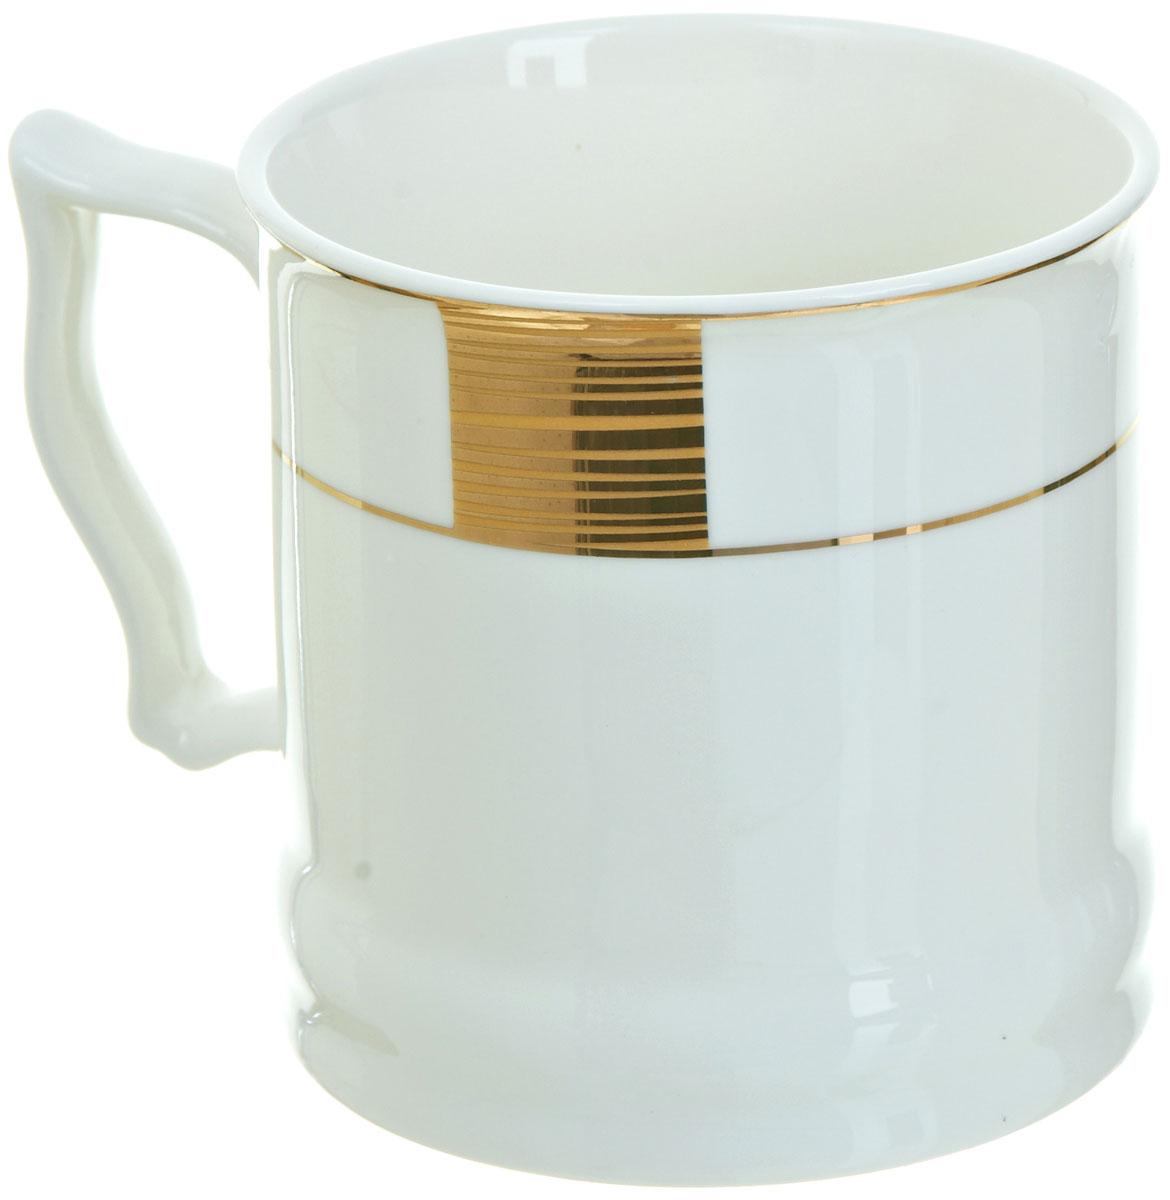 Кружка BHP Королевская кружка, 500 мл. M1870010VT-1520(SR)Оригинальная кружка Best Home Porcelain, выполненная из высококачественного фарфора, сочетает в себе простой, утонченный дизайн с максимальной функциональностью. Оригинальность оформления придутся по вкусу тем, кто ценит индивидуальность.Можно использовать в посудомоечной машине.